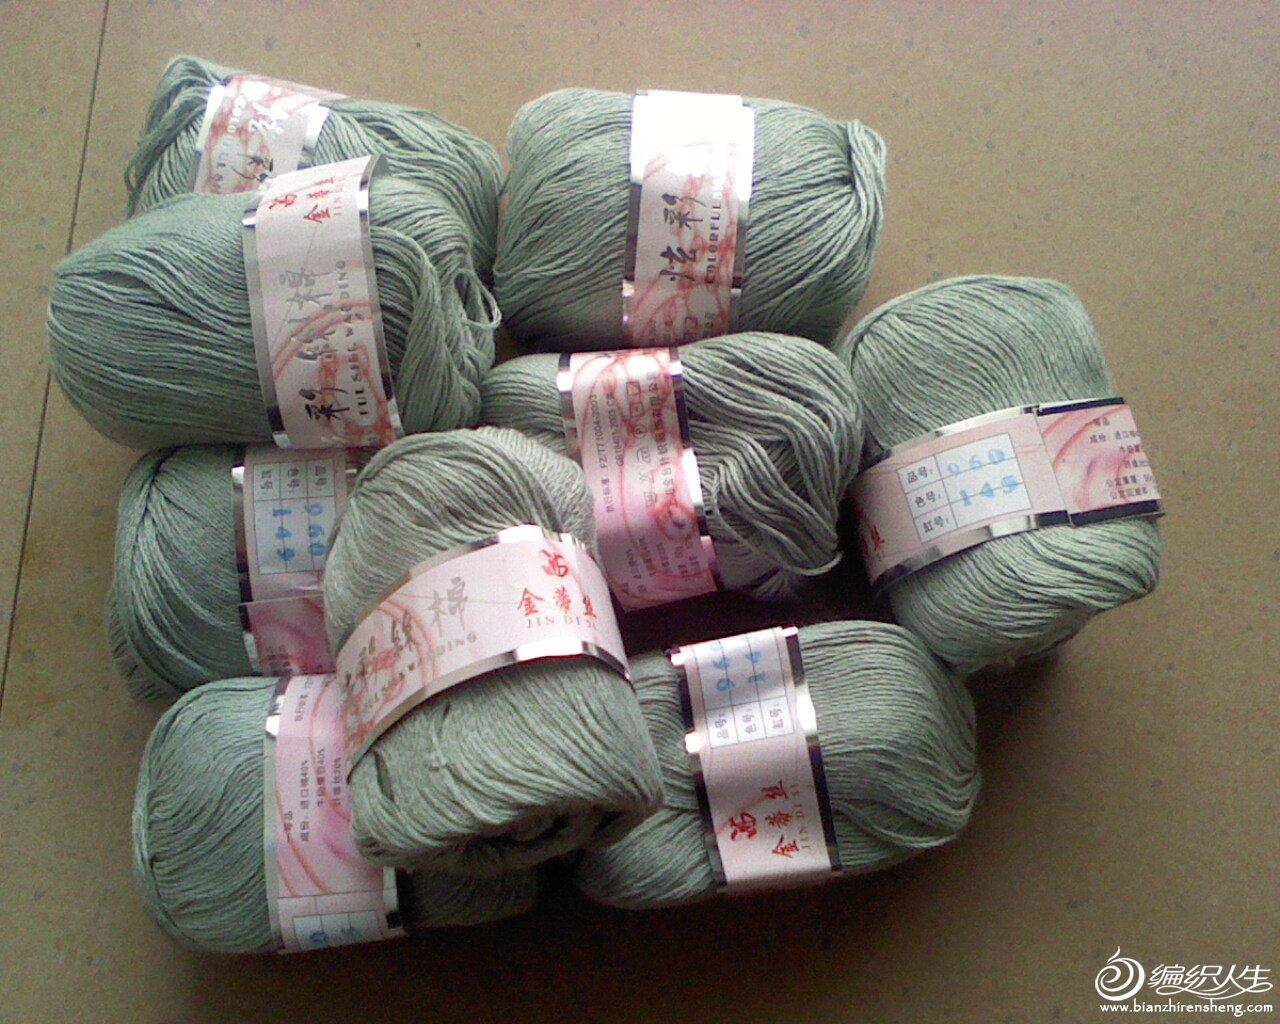 西楼家金蒂丝炫彩丝棉9团960色60元